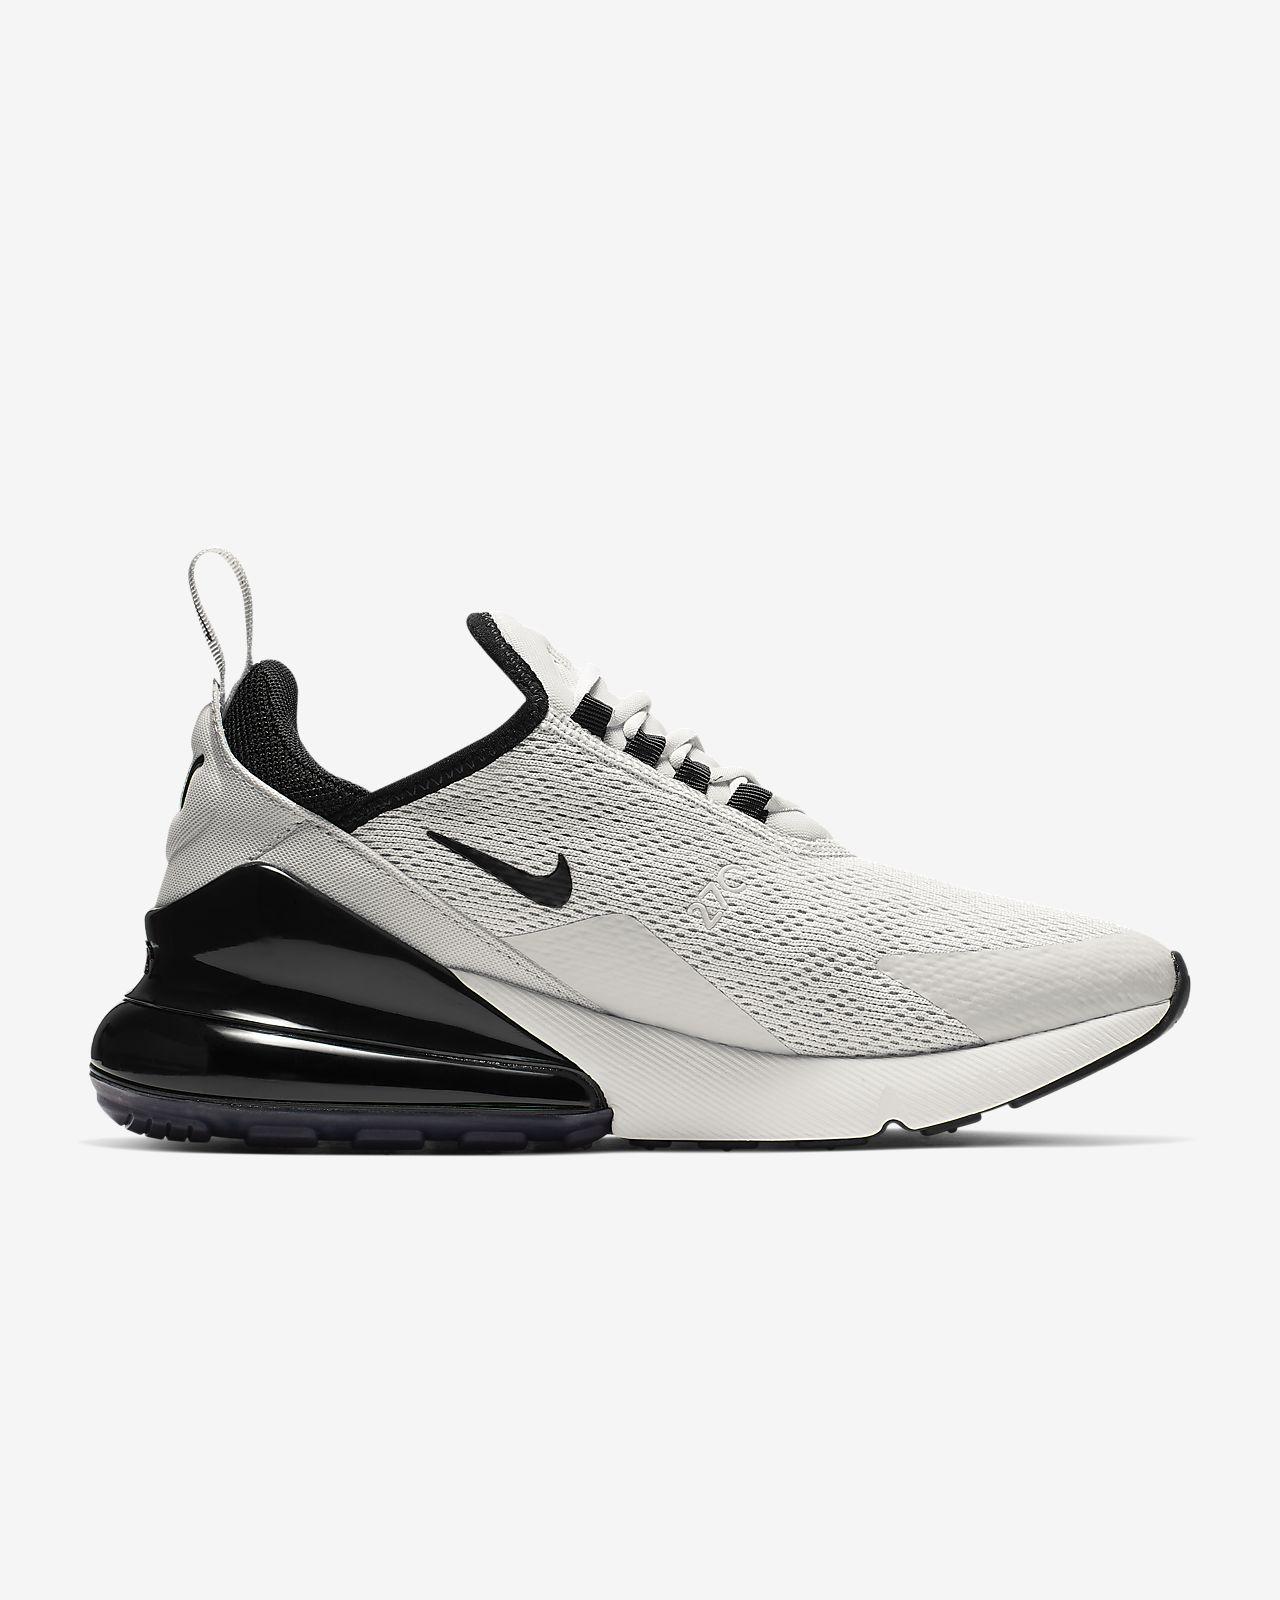 online store 57baa a18d8 ... Nike Air Max 270 Damenschuh